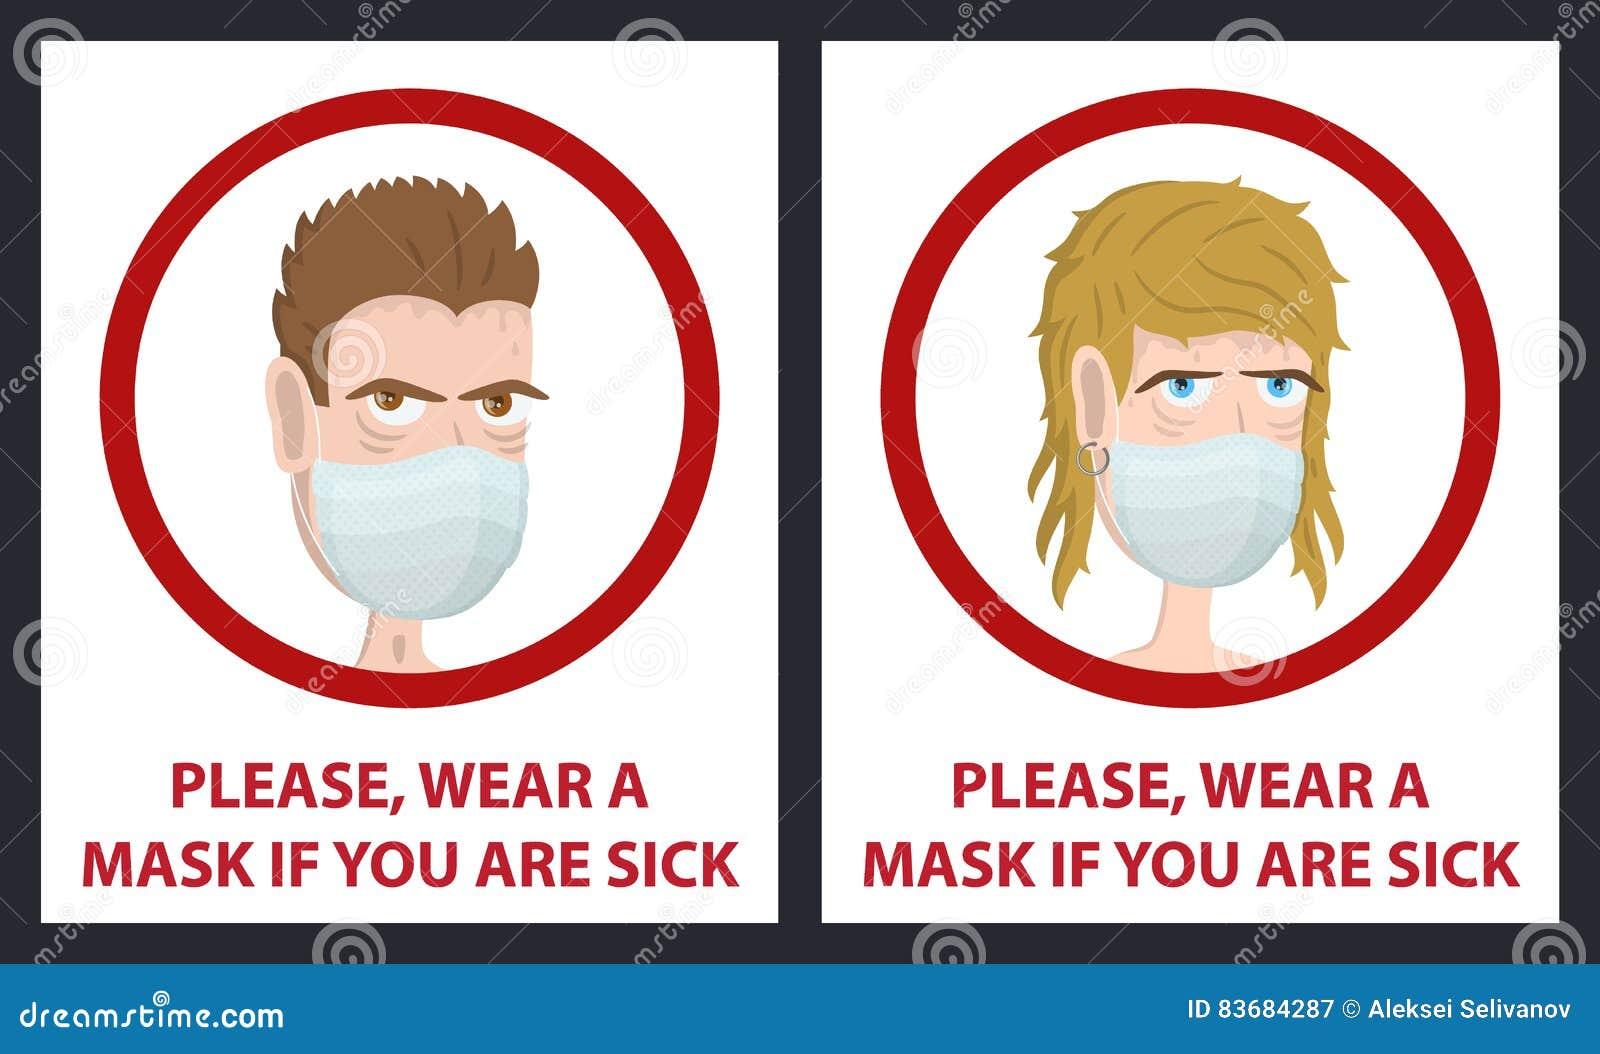 masque usage medical